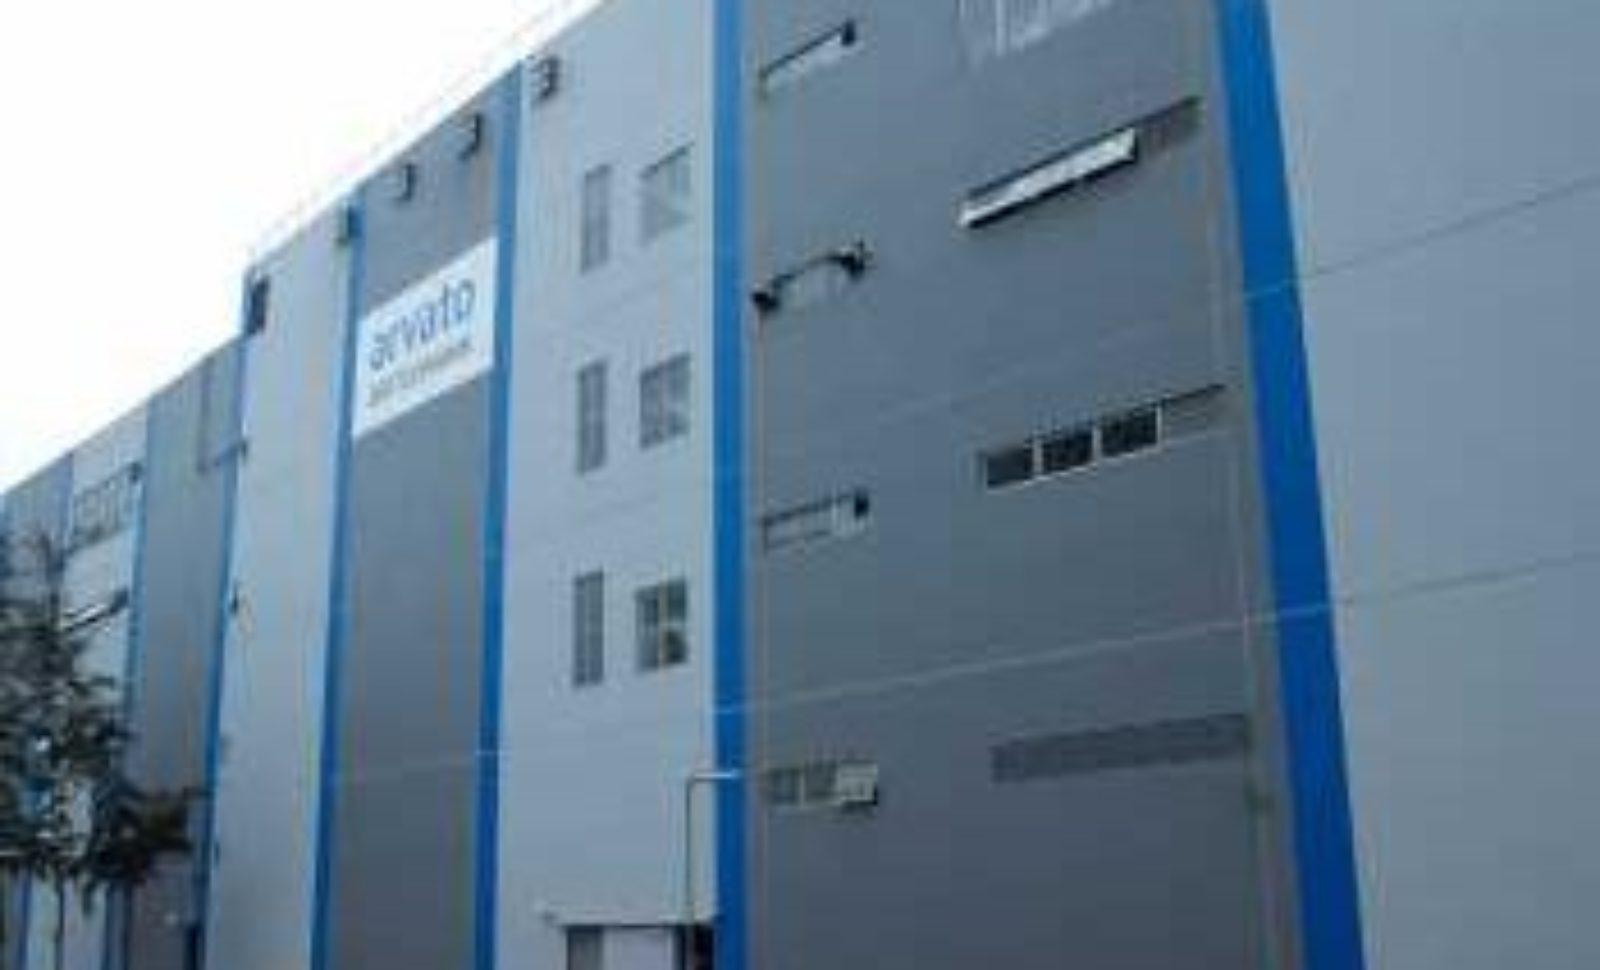 Arvato begrüßt NATIVE UNION als neuen Kunden